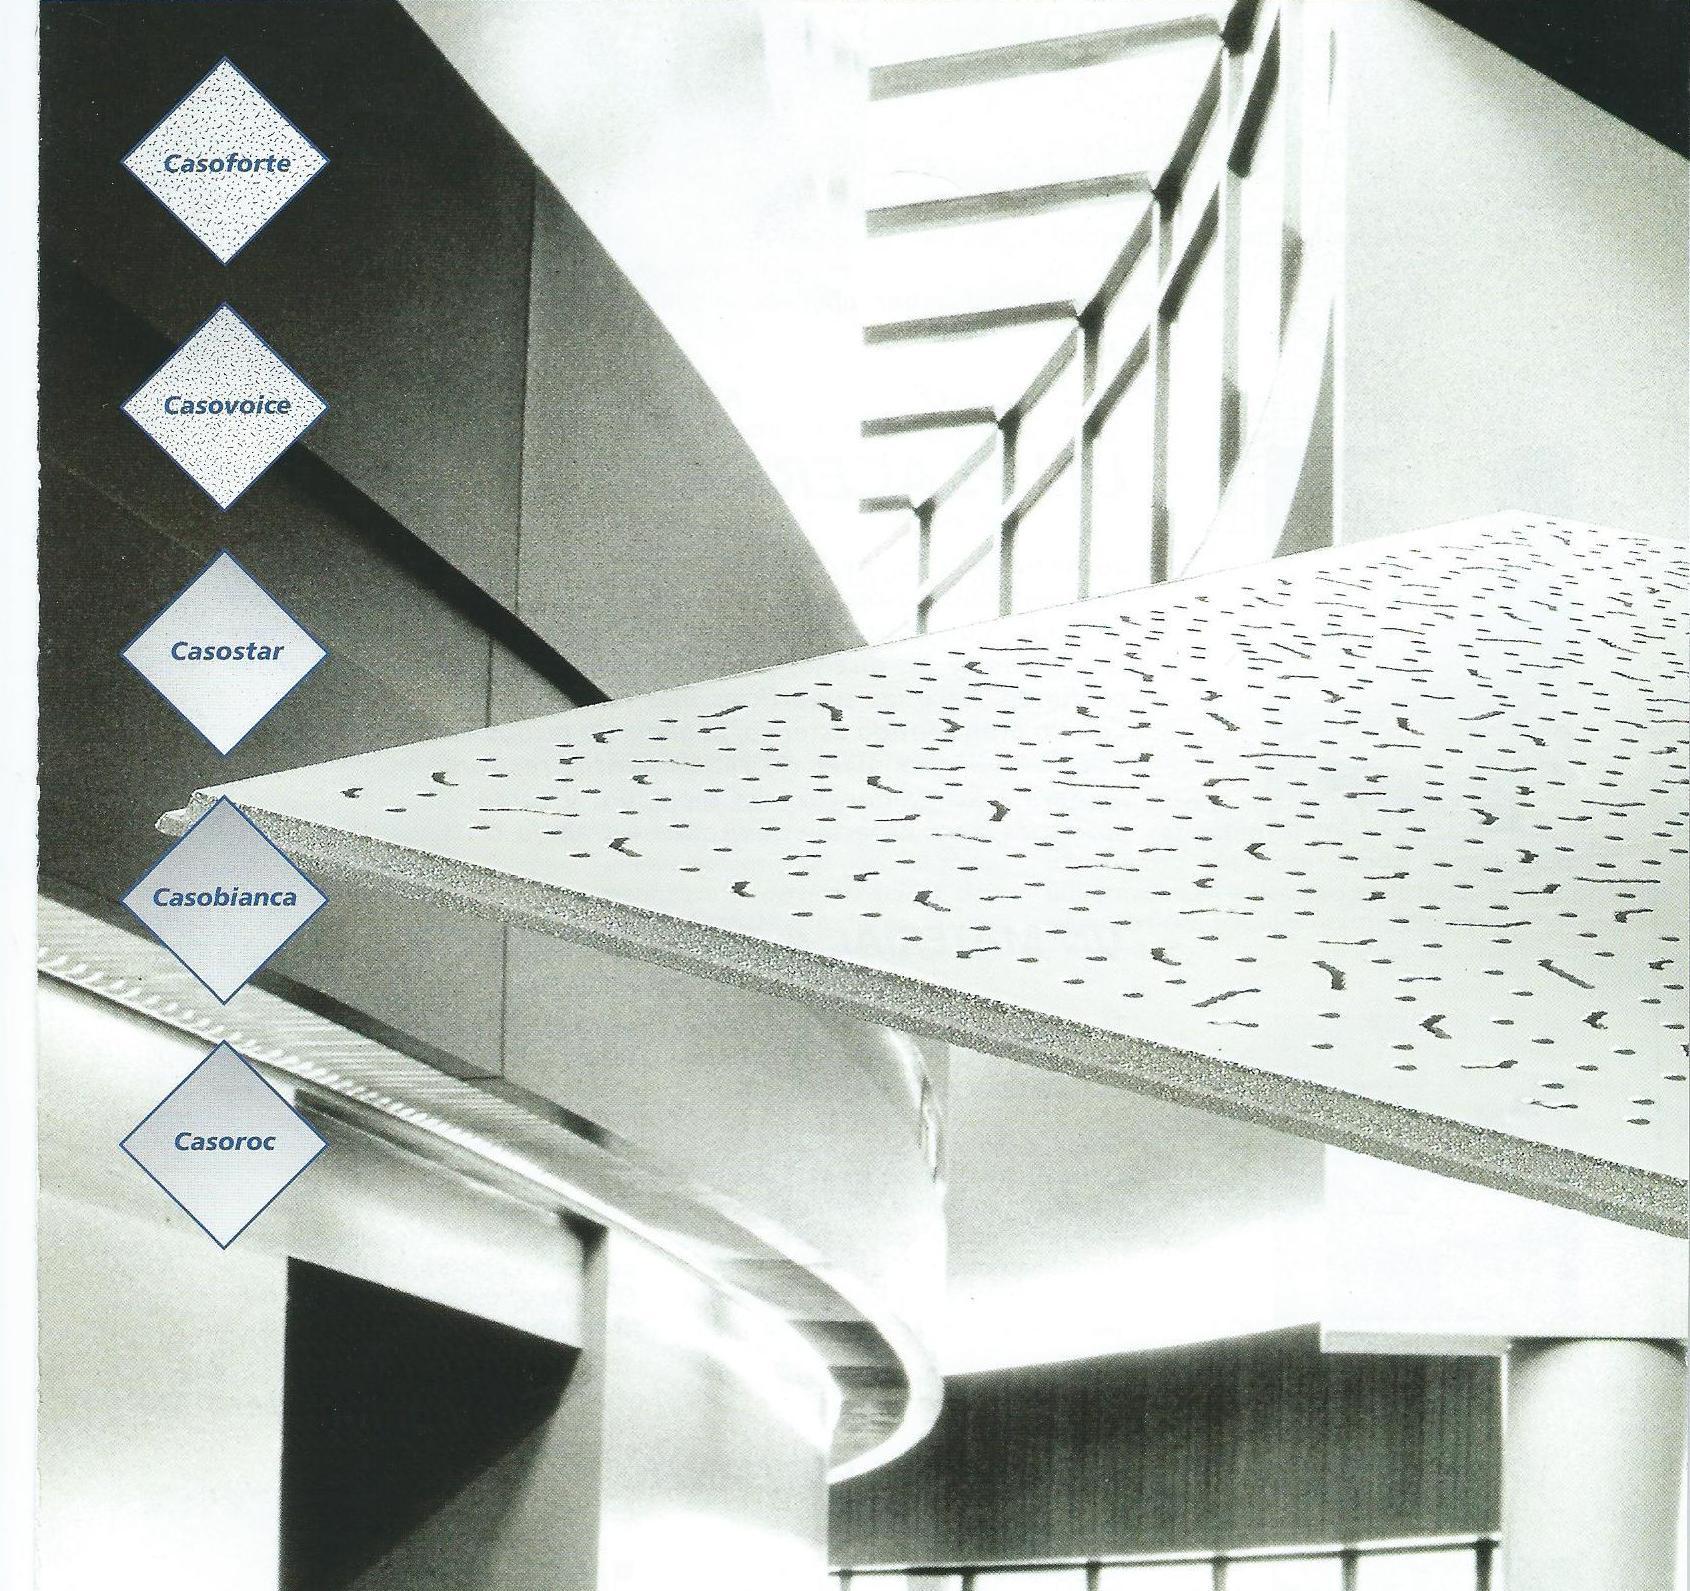 Casoprano Gama De Techos Decorativos